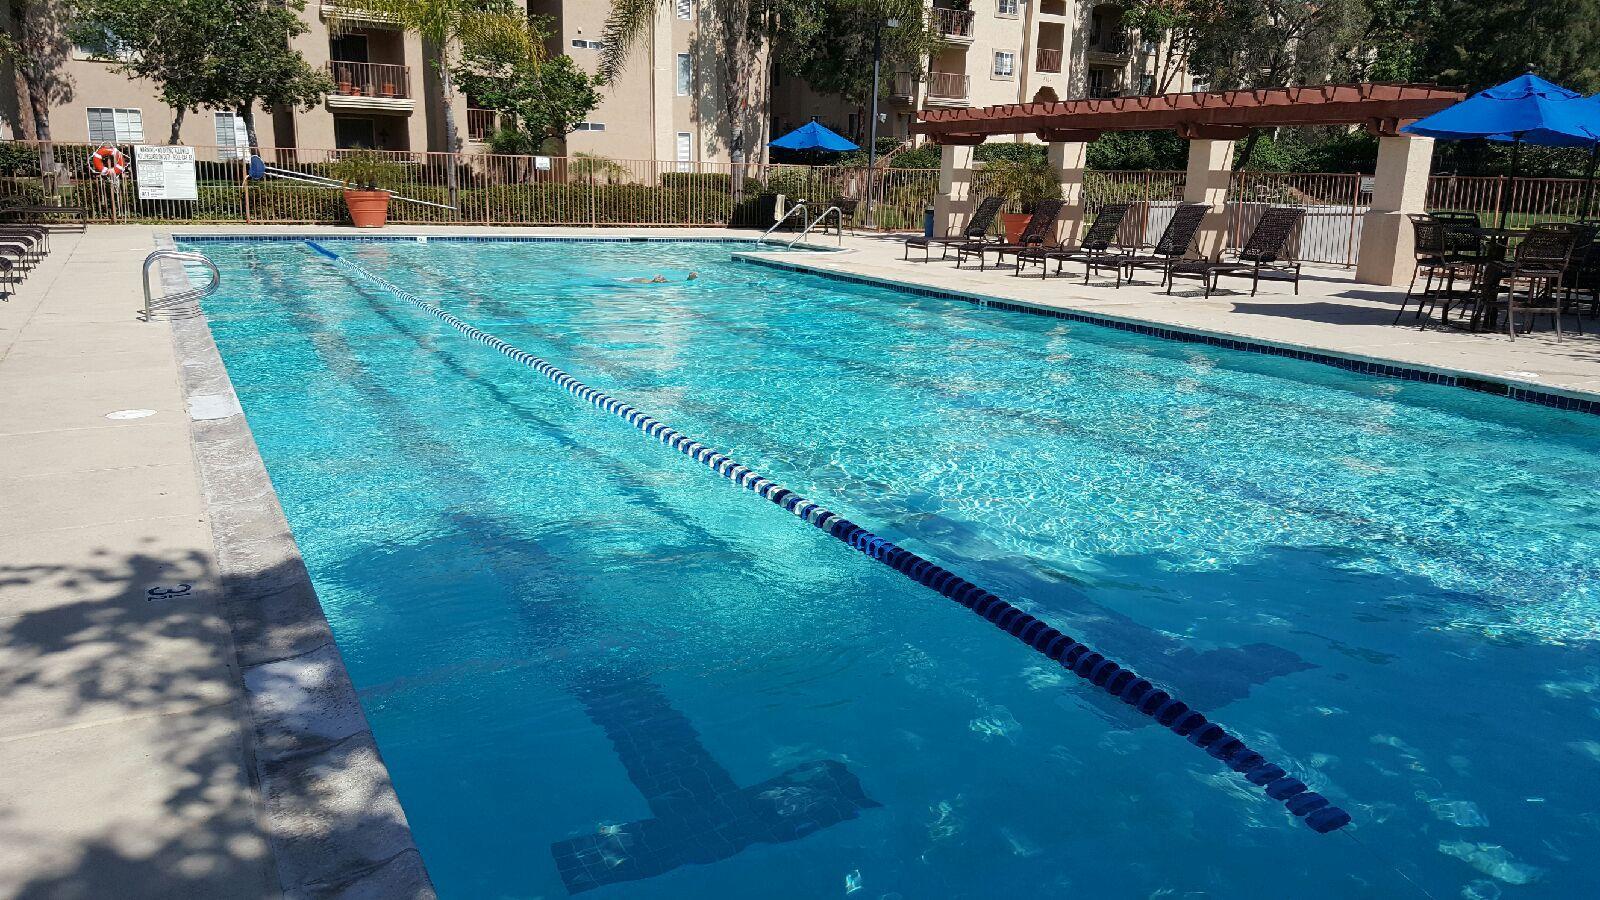 El Cajon Commercial Pool Services